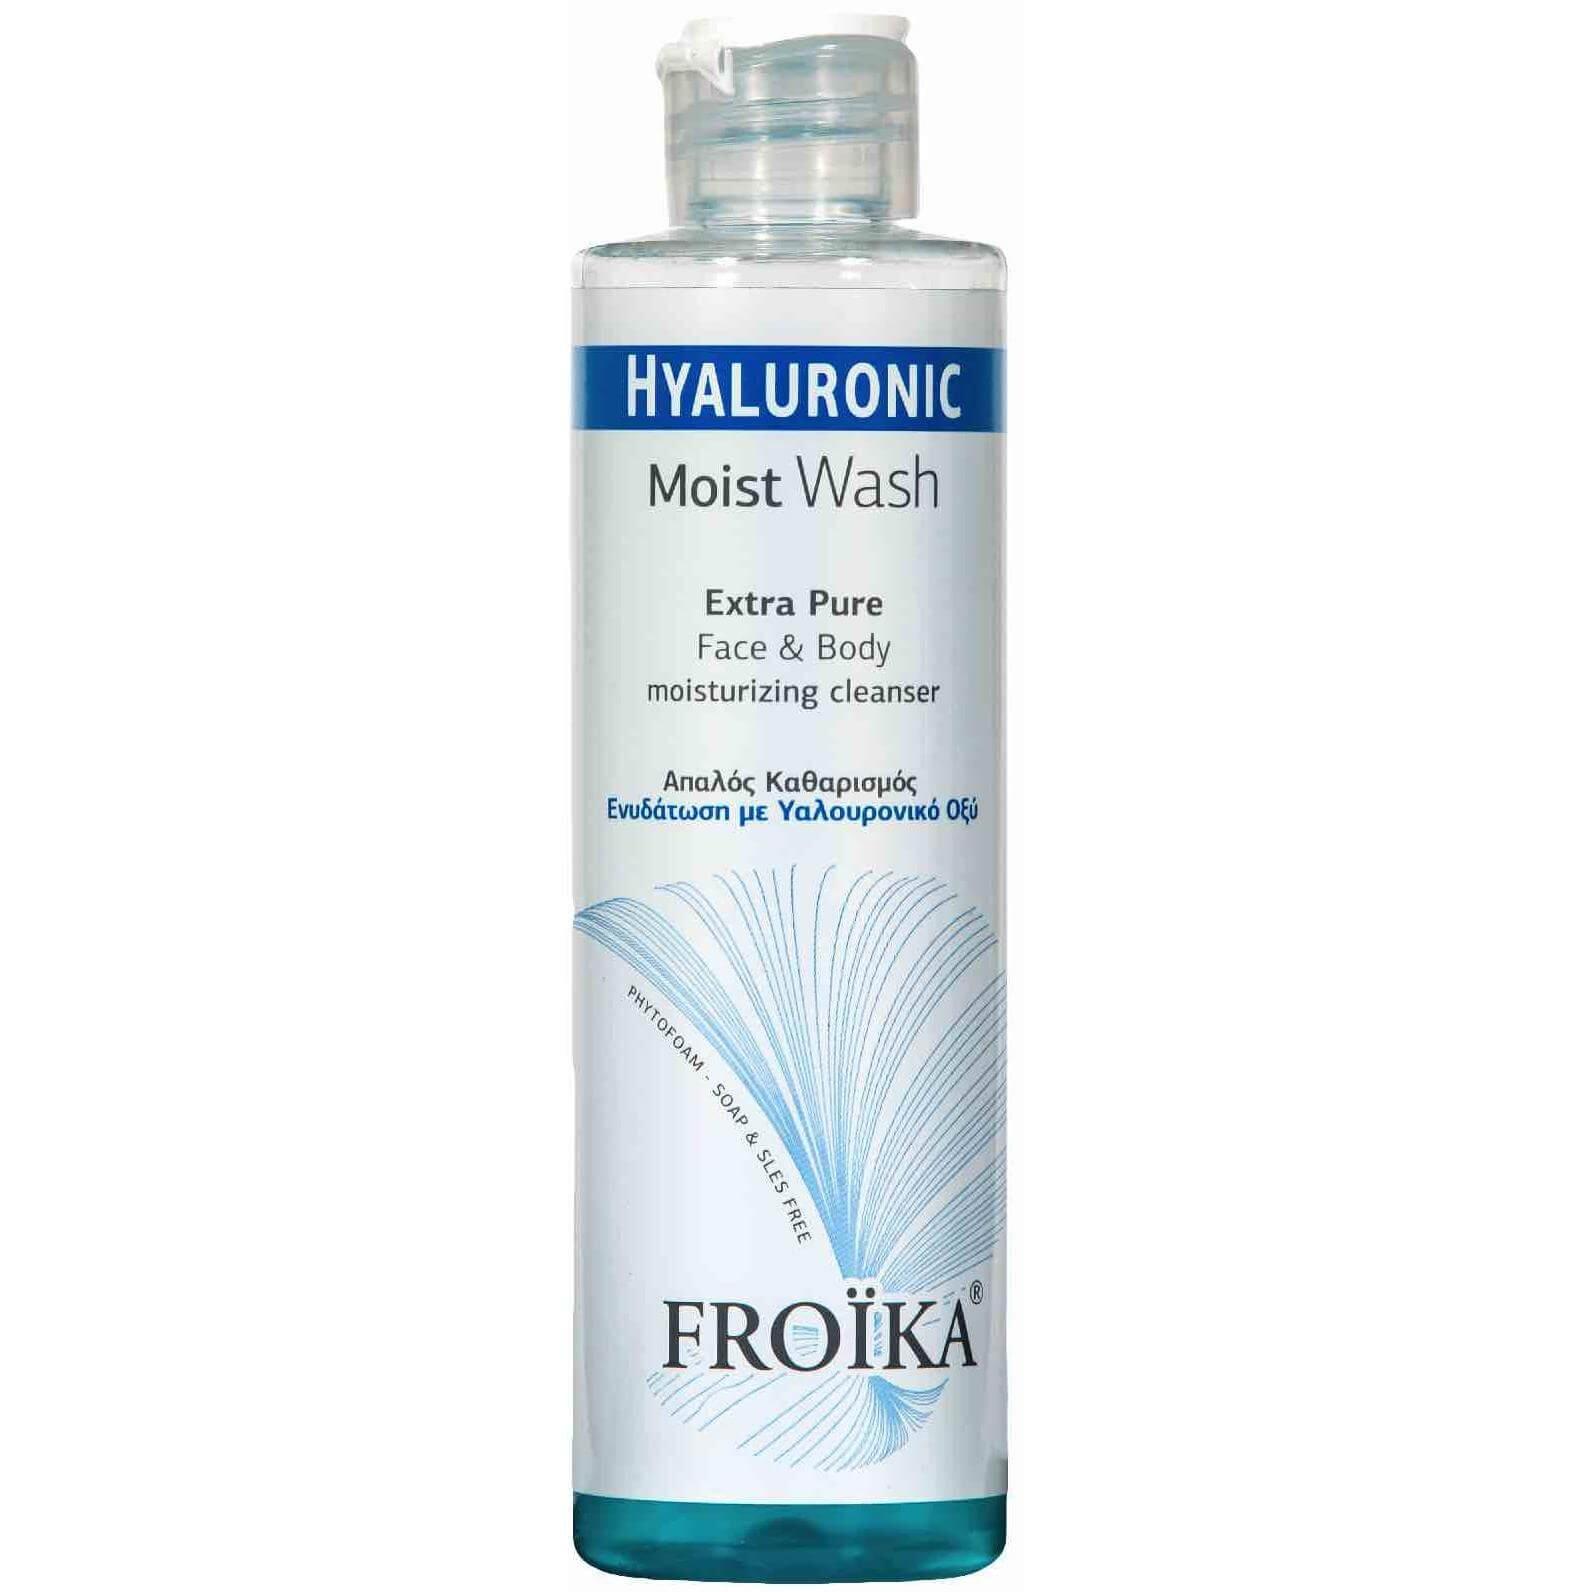 Froika Hyaluronic Moist Wash Απαλός Καθαρισμός & Ενυδάτωση Προσώπου & Σώματος με Υαλουρονικό Οξύ 200ml